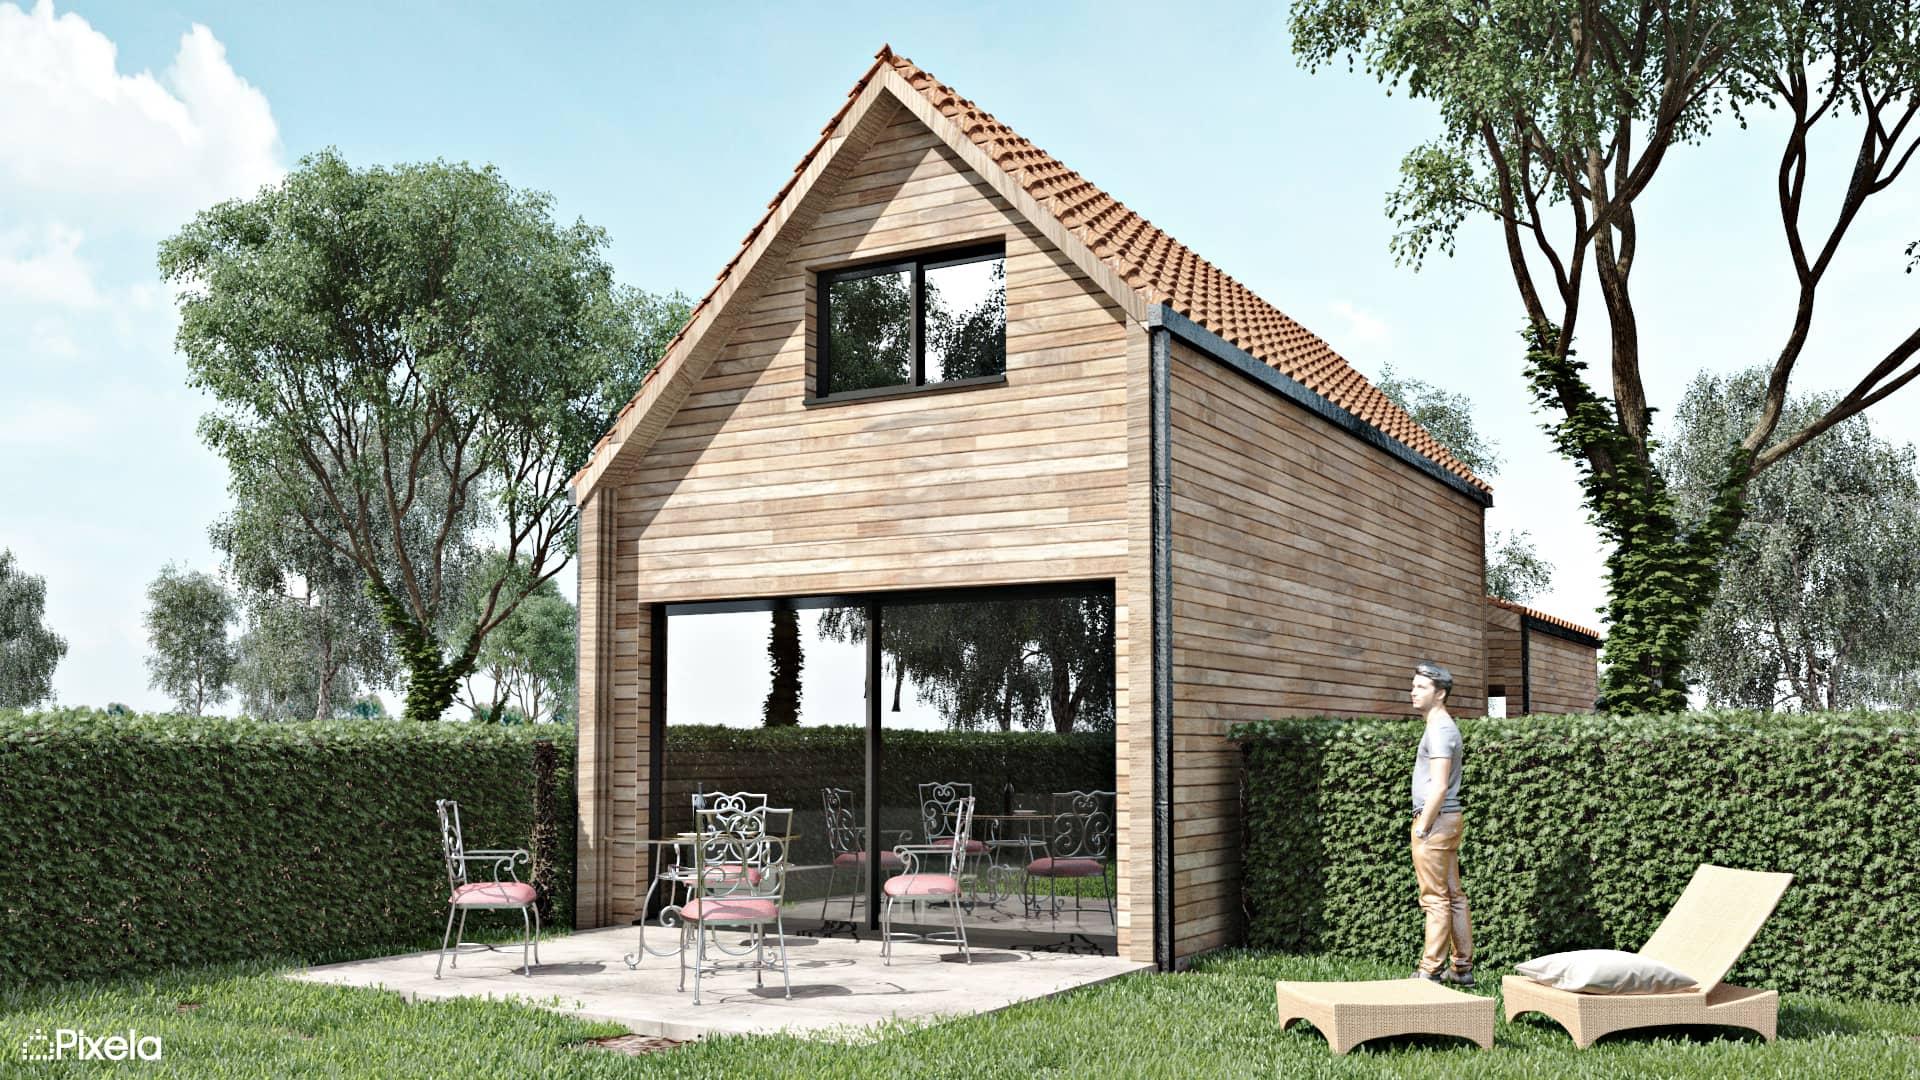 maison ossature bois clisson 44 - Perspectives 3D maison individuelle à Clisson (44)